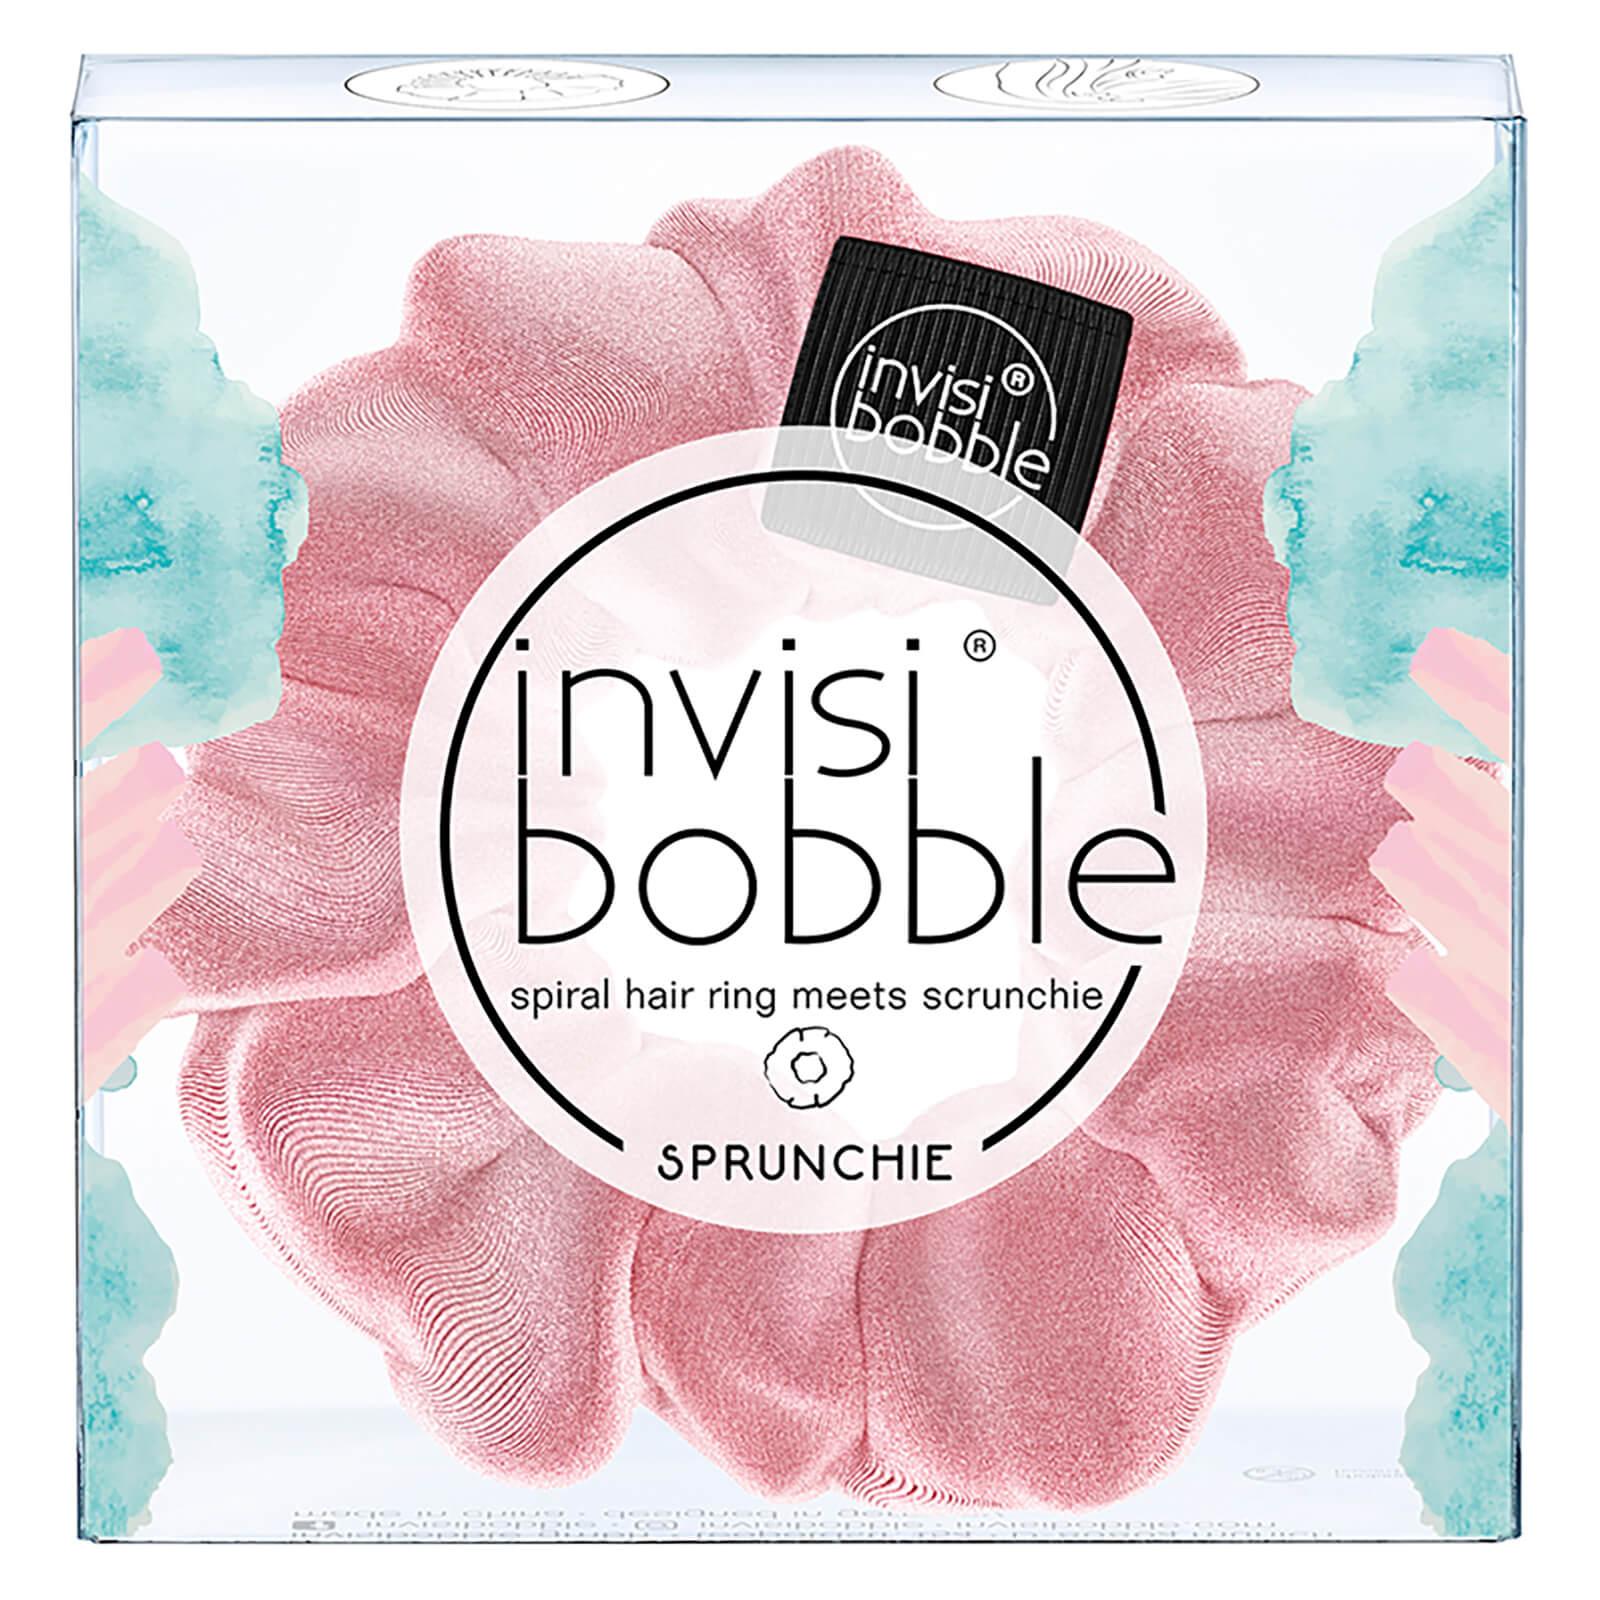 invisibobble SPRUNCHIE. Product Description ccfe42e709f